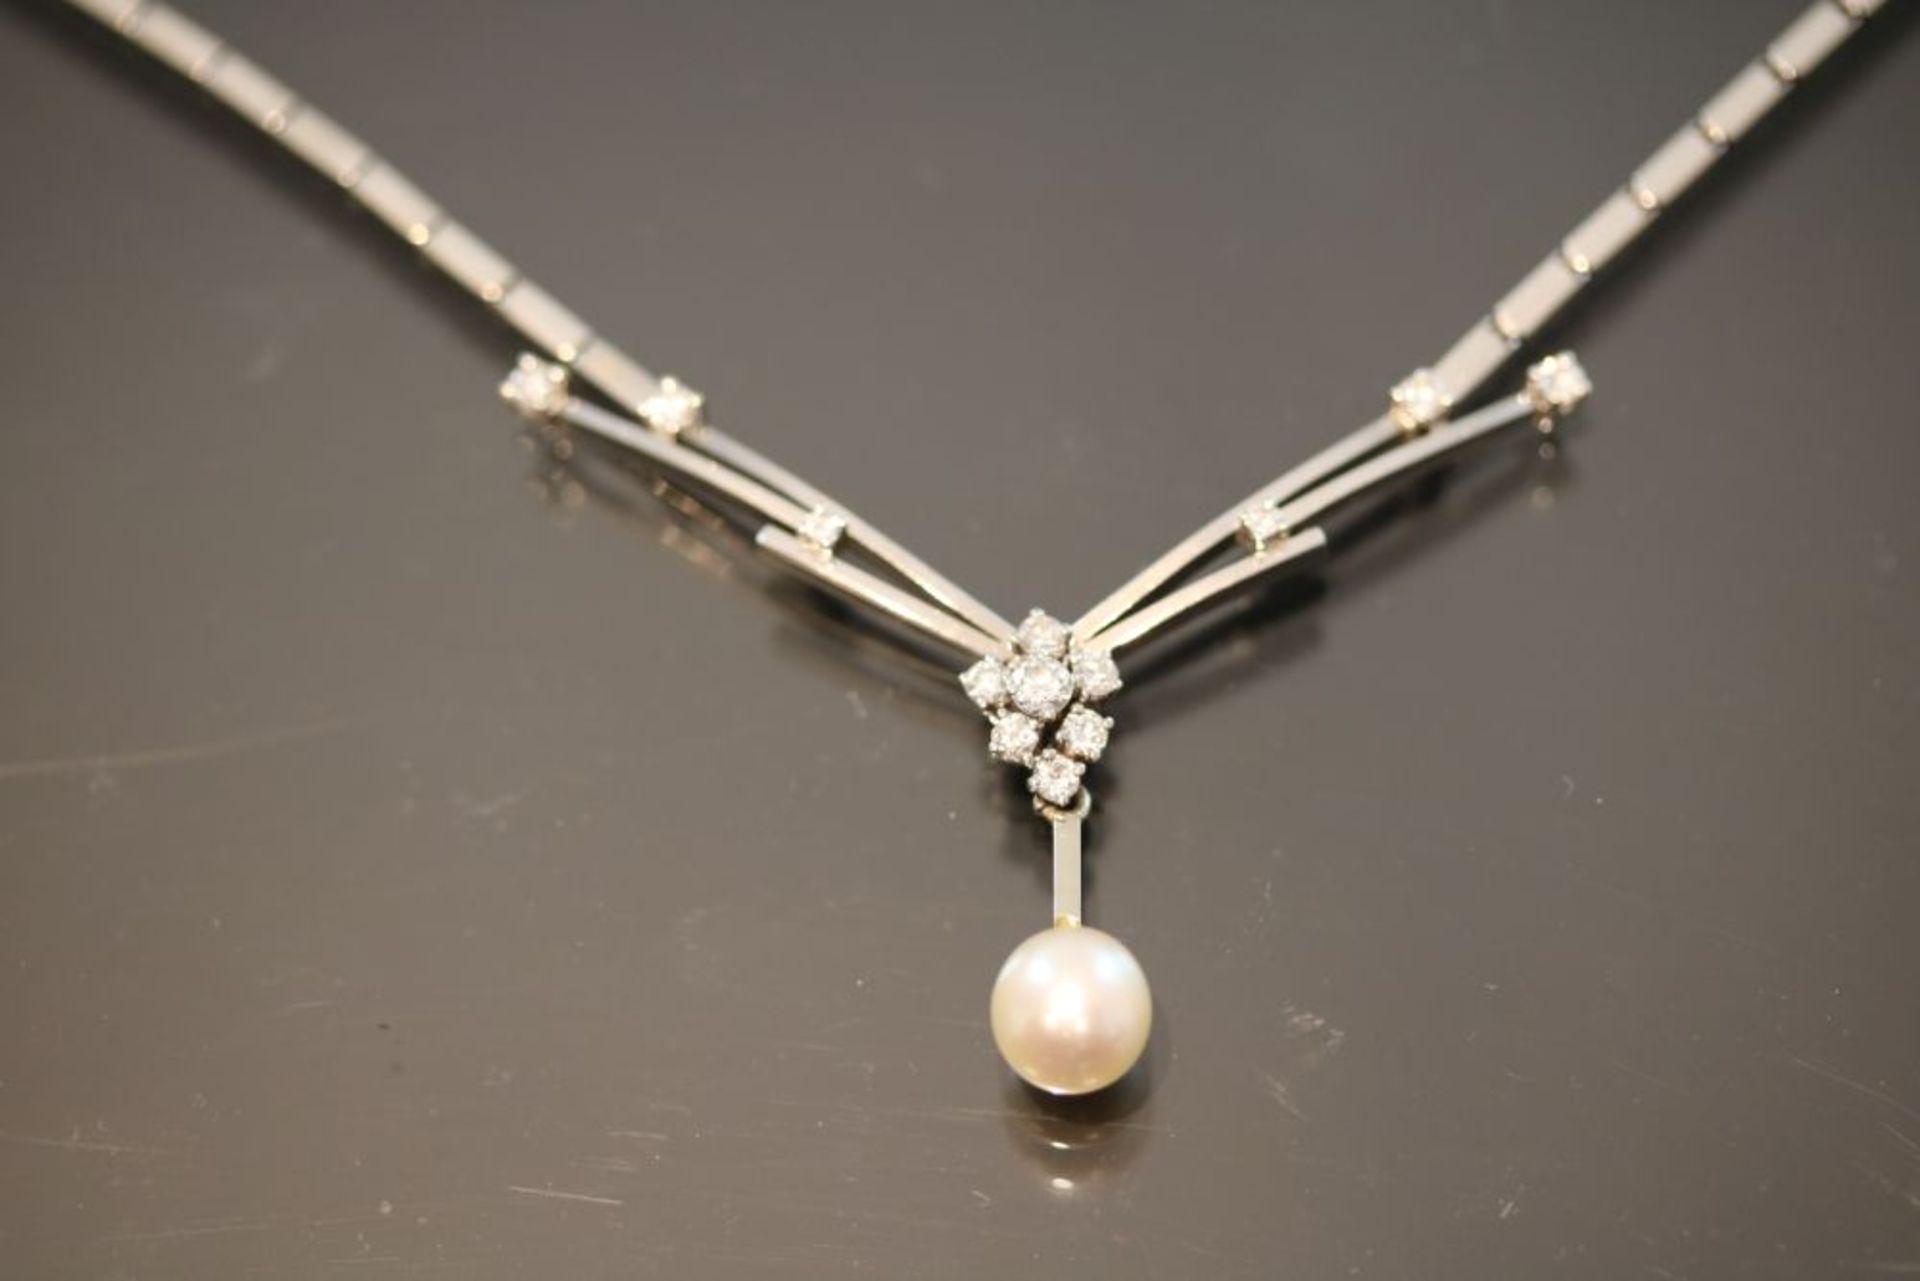 Brillant-Perl-Collier, 585 Weißgold